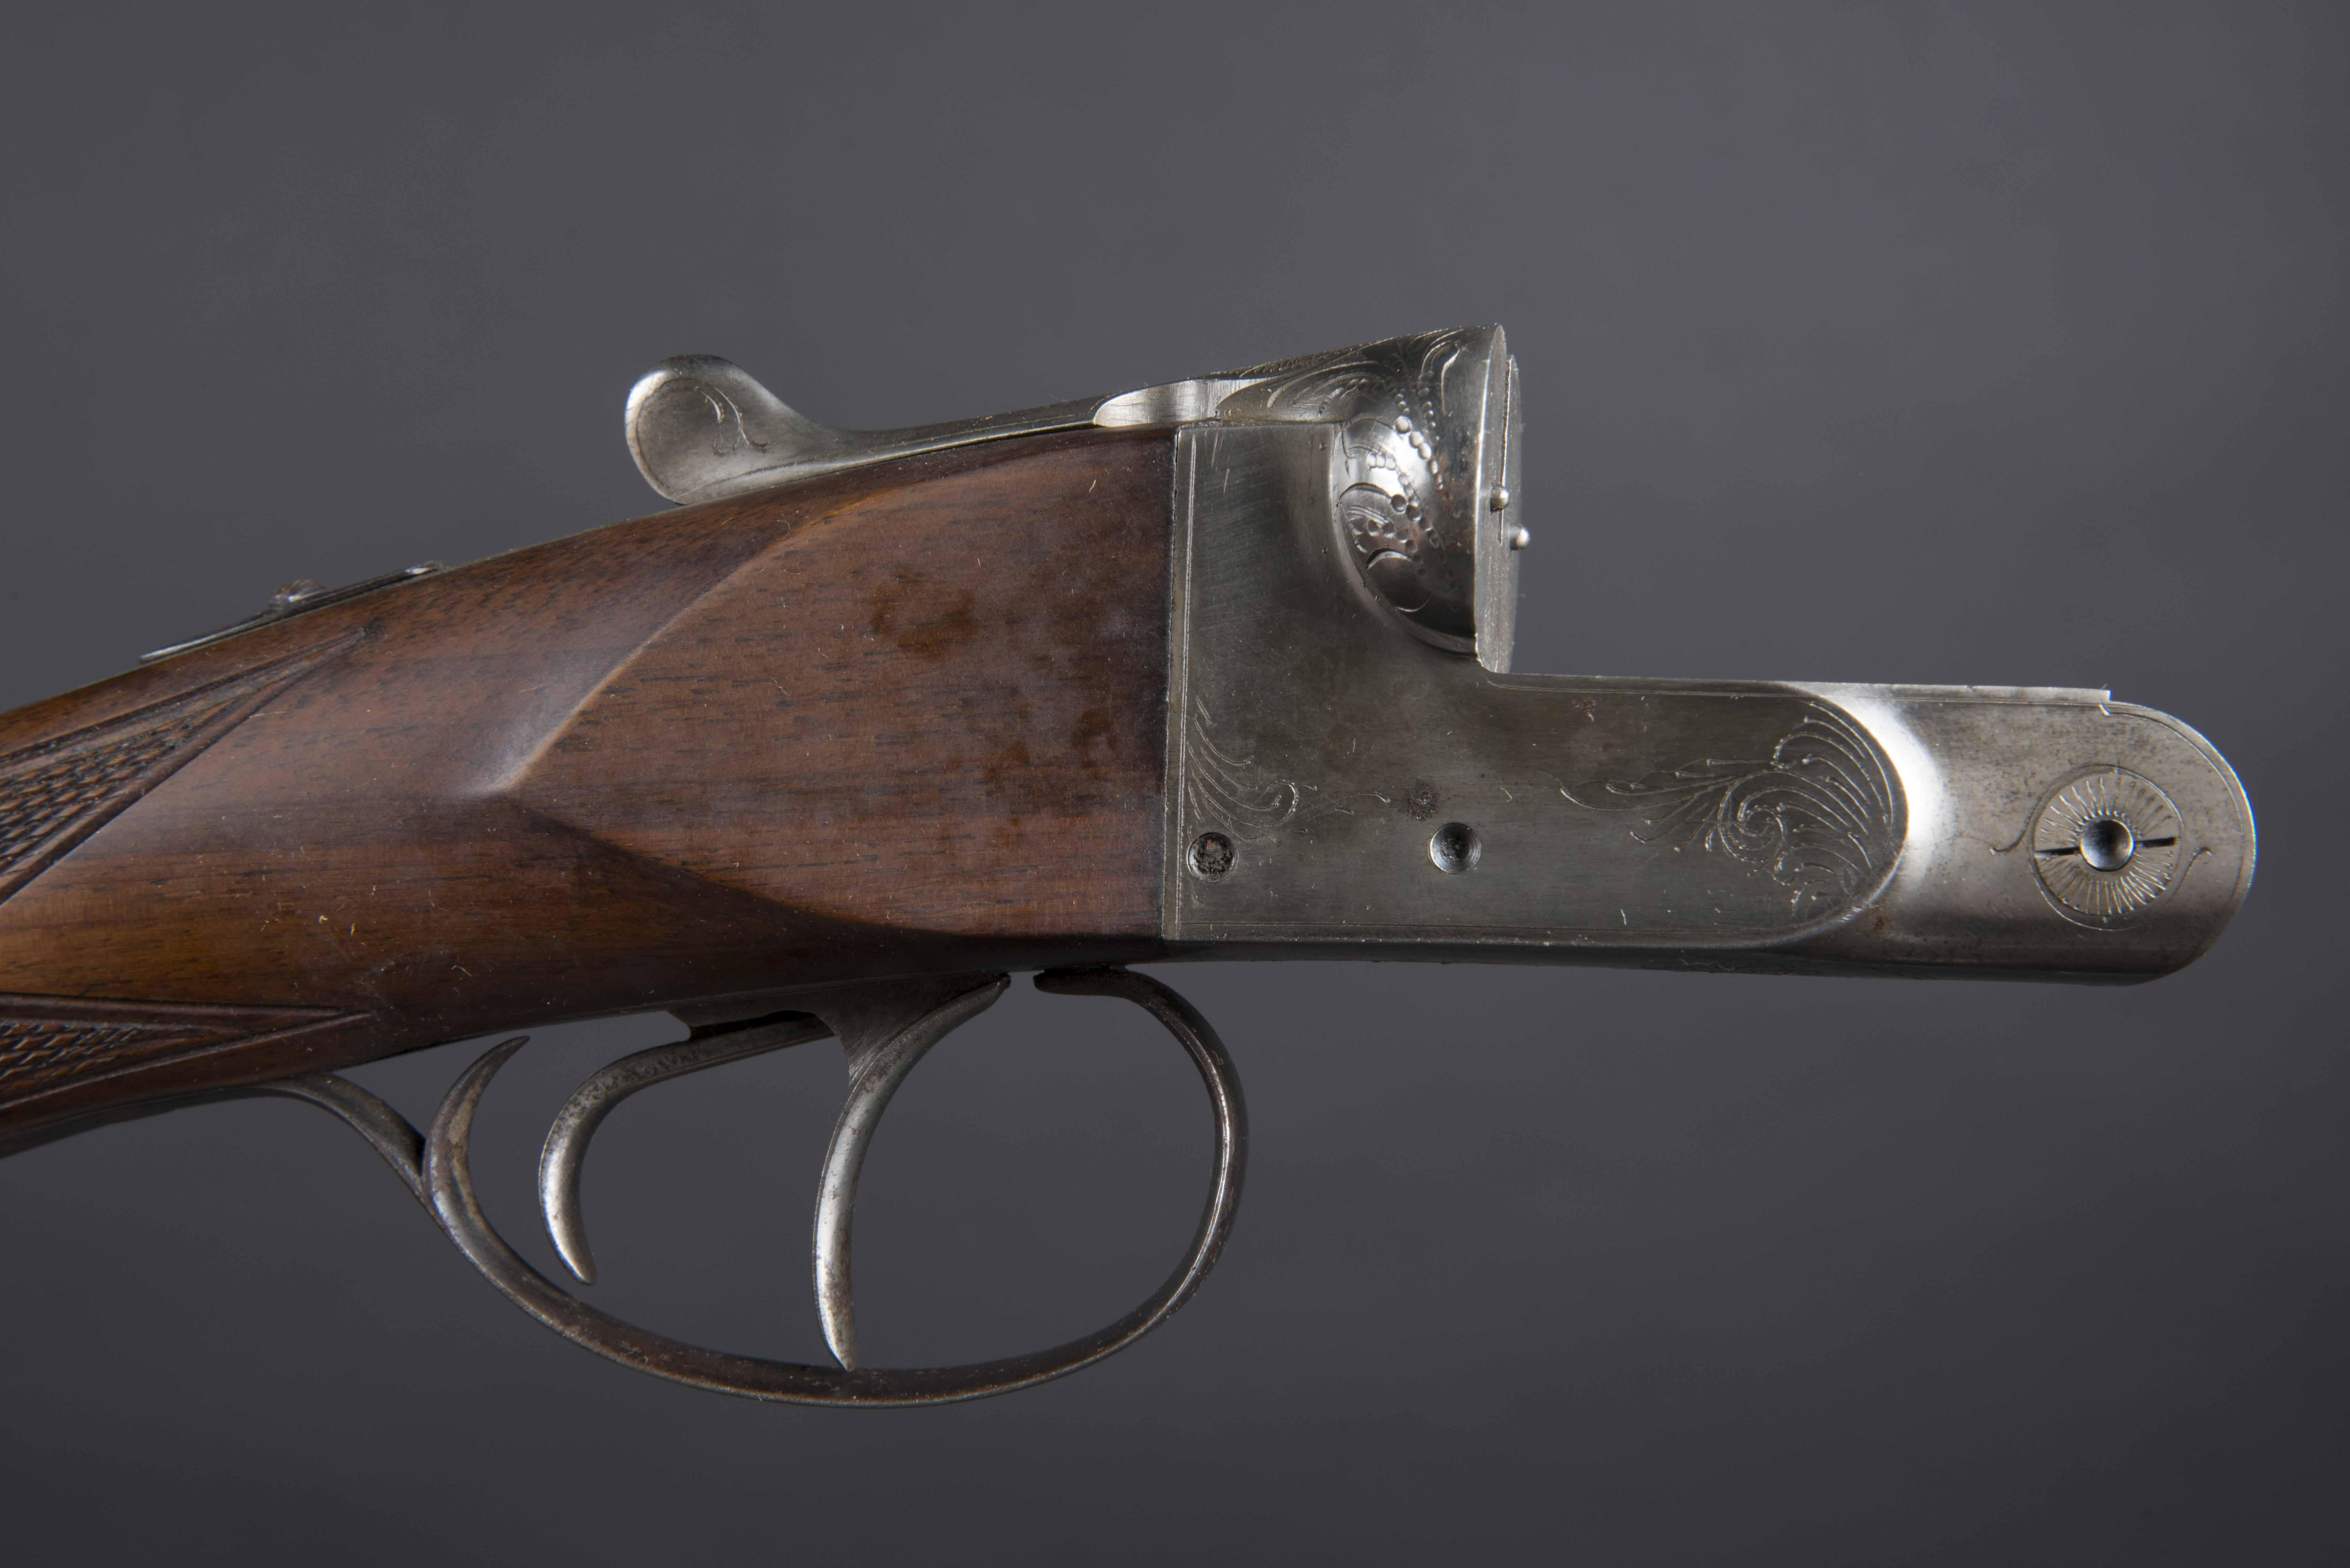 Fusil juxtaposé modèle artisanal Catégorie C | Aiolfi G.b.r.